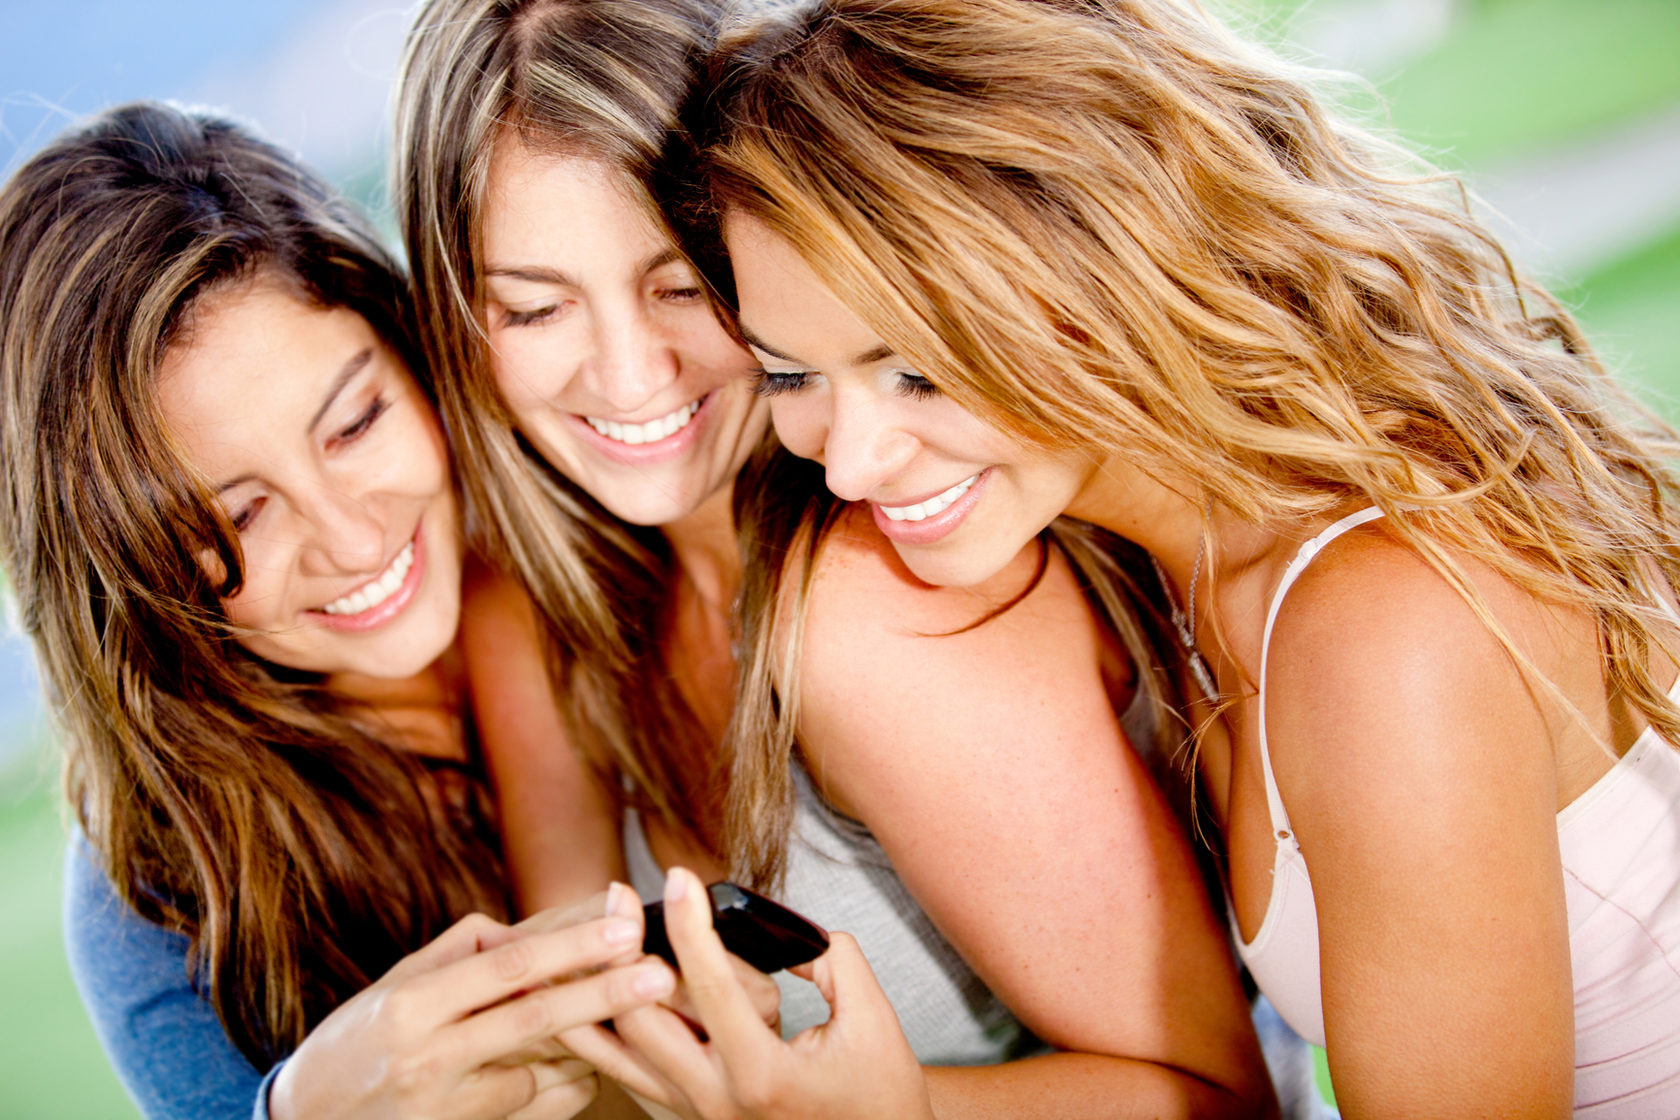 подруги и парень онлайн фото